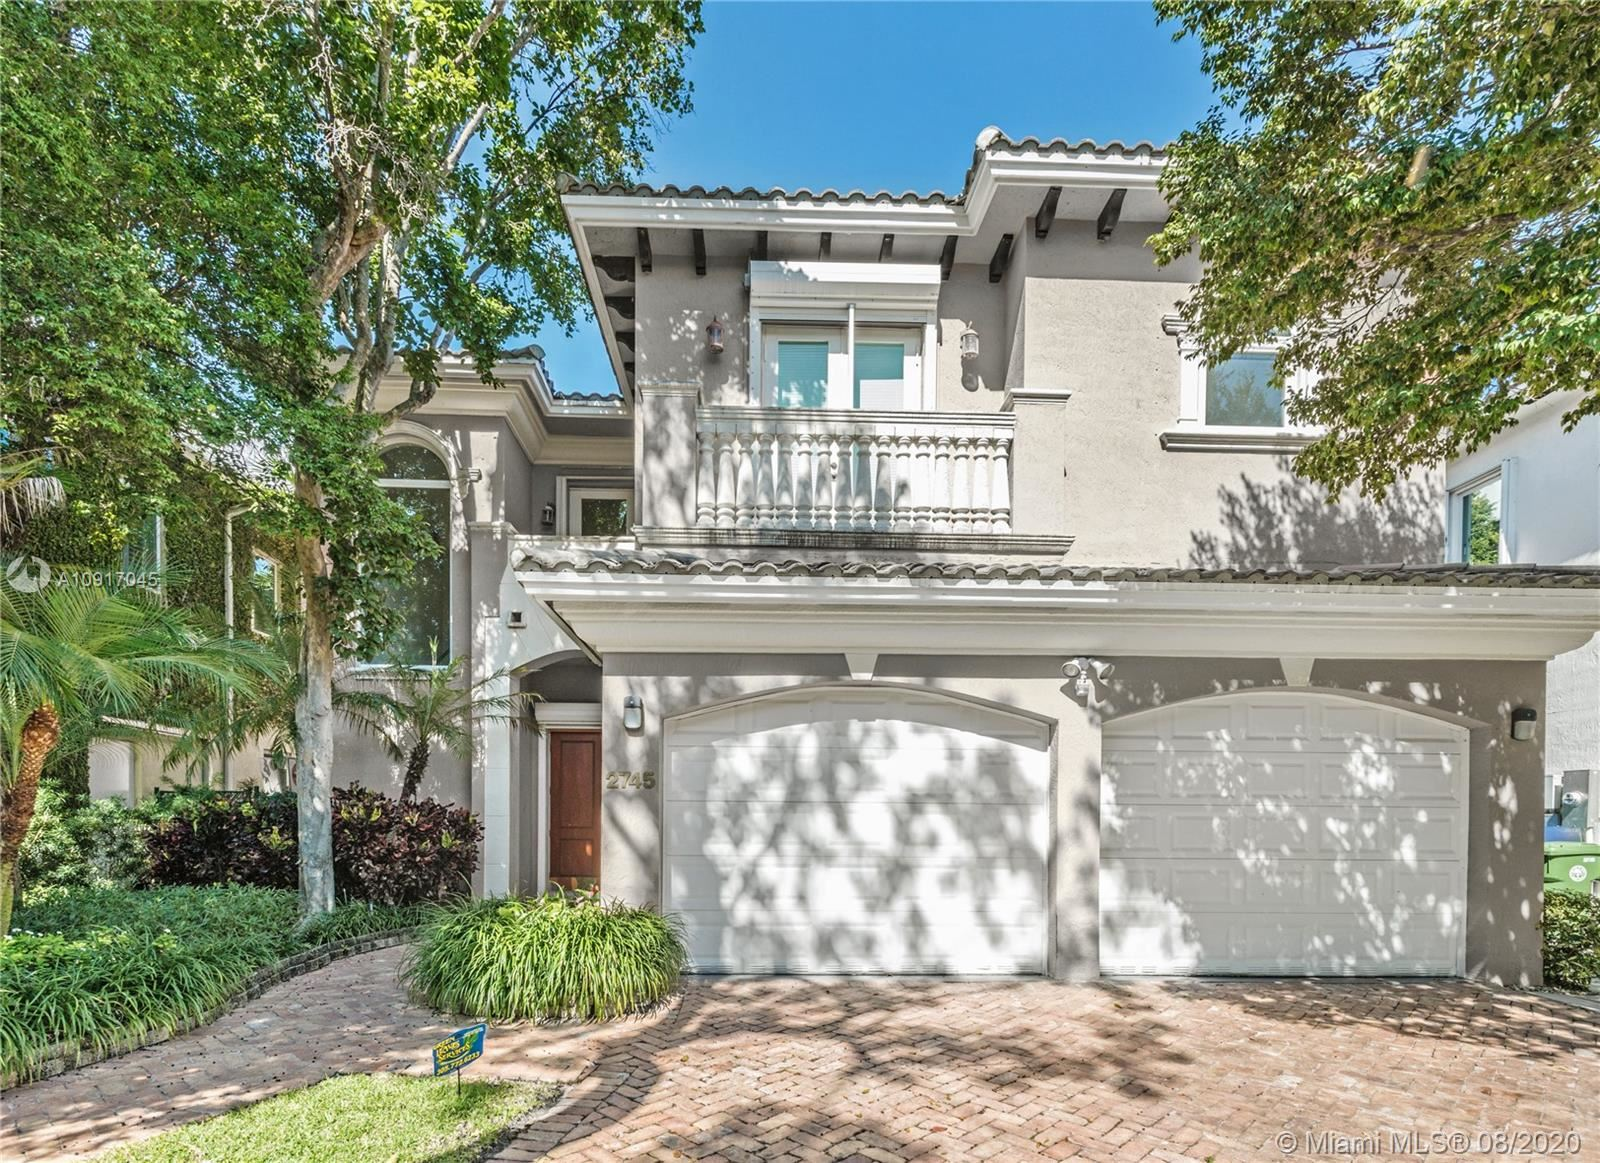 2745 Brickell Ct, Miami, FL 33129 - #: A10917045